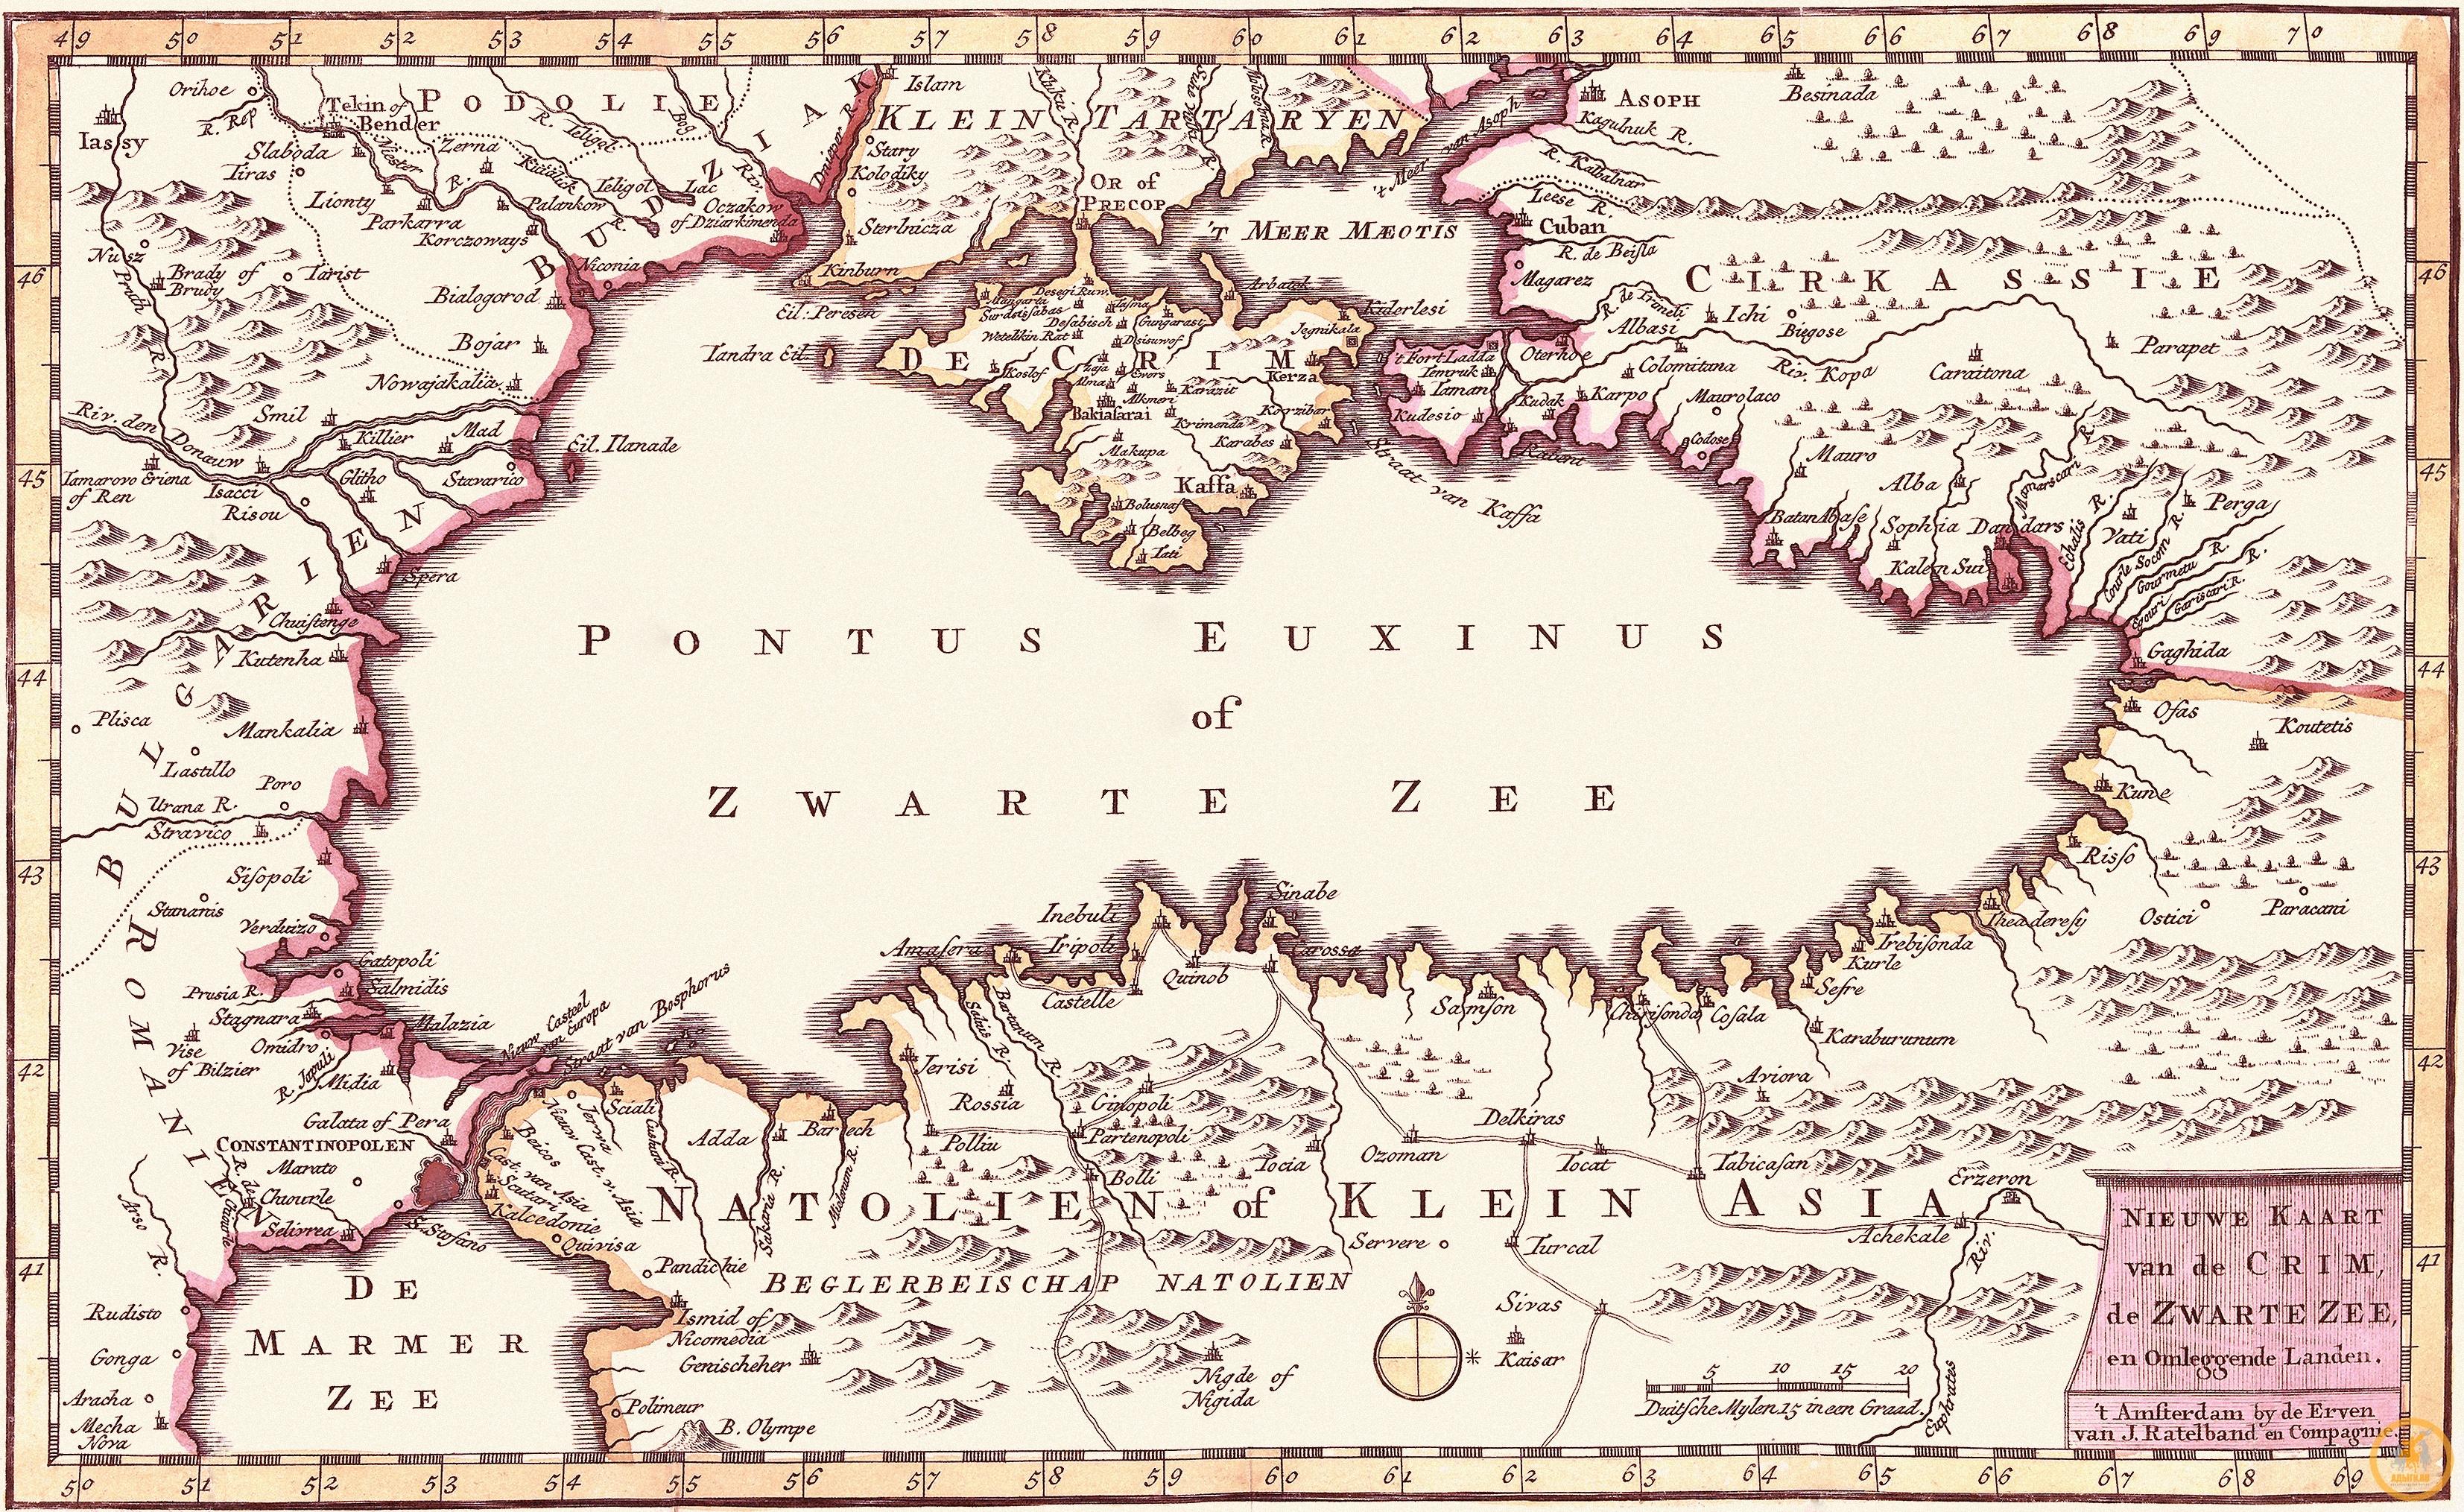 Эрвен ван Й. Рательбанд. Новая карта Крыма, Черного моря и окружающих земель. Амстердам, 1735 г.